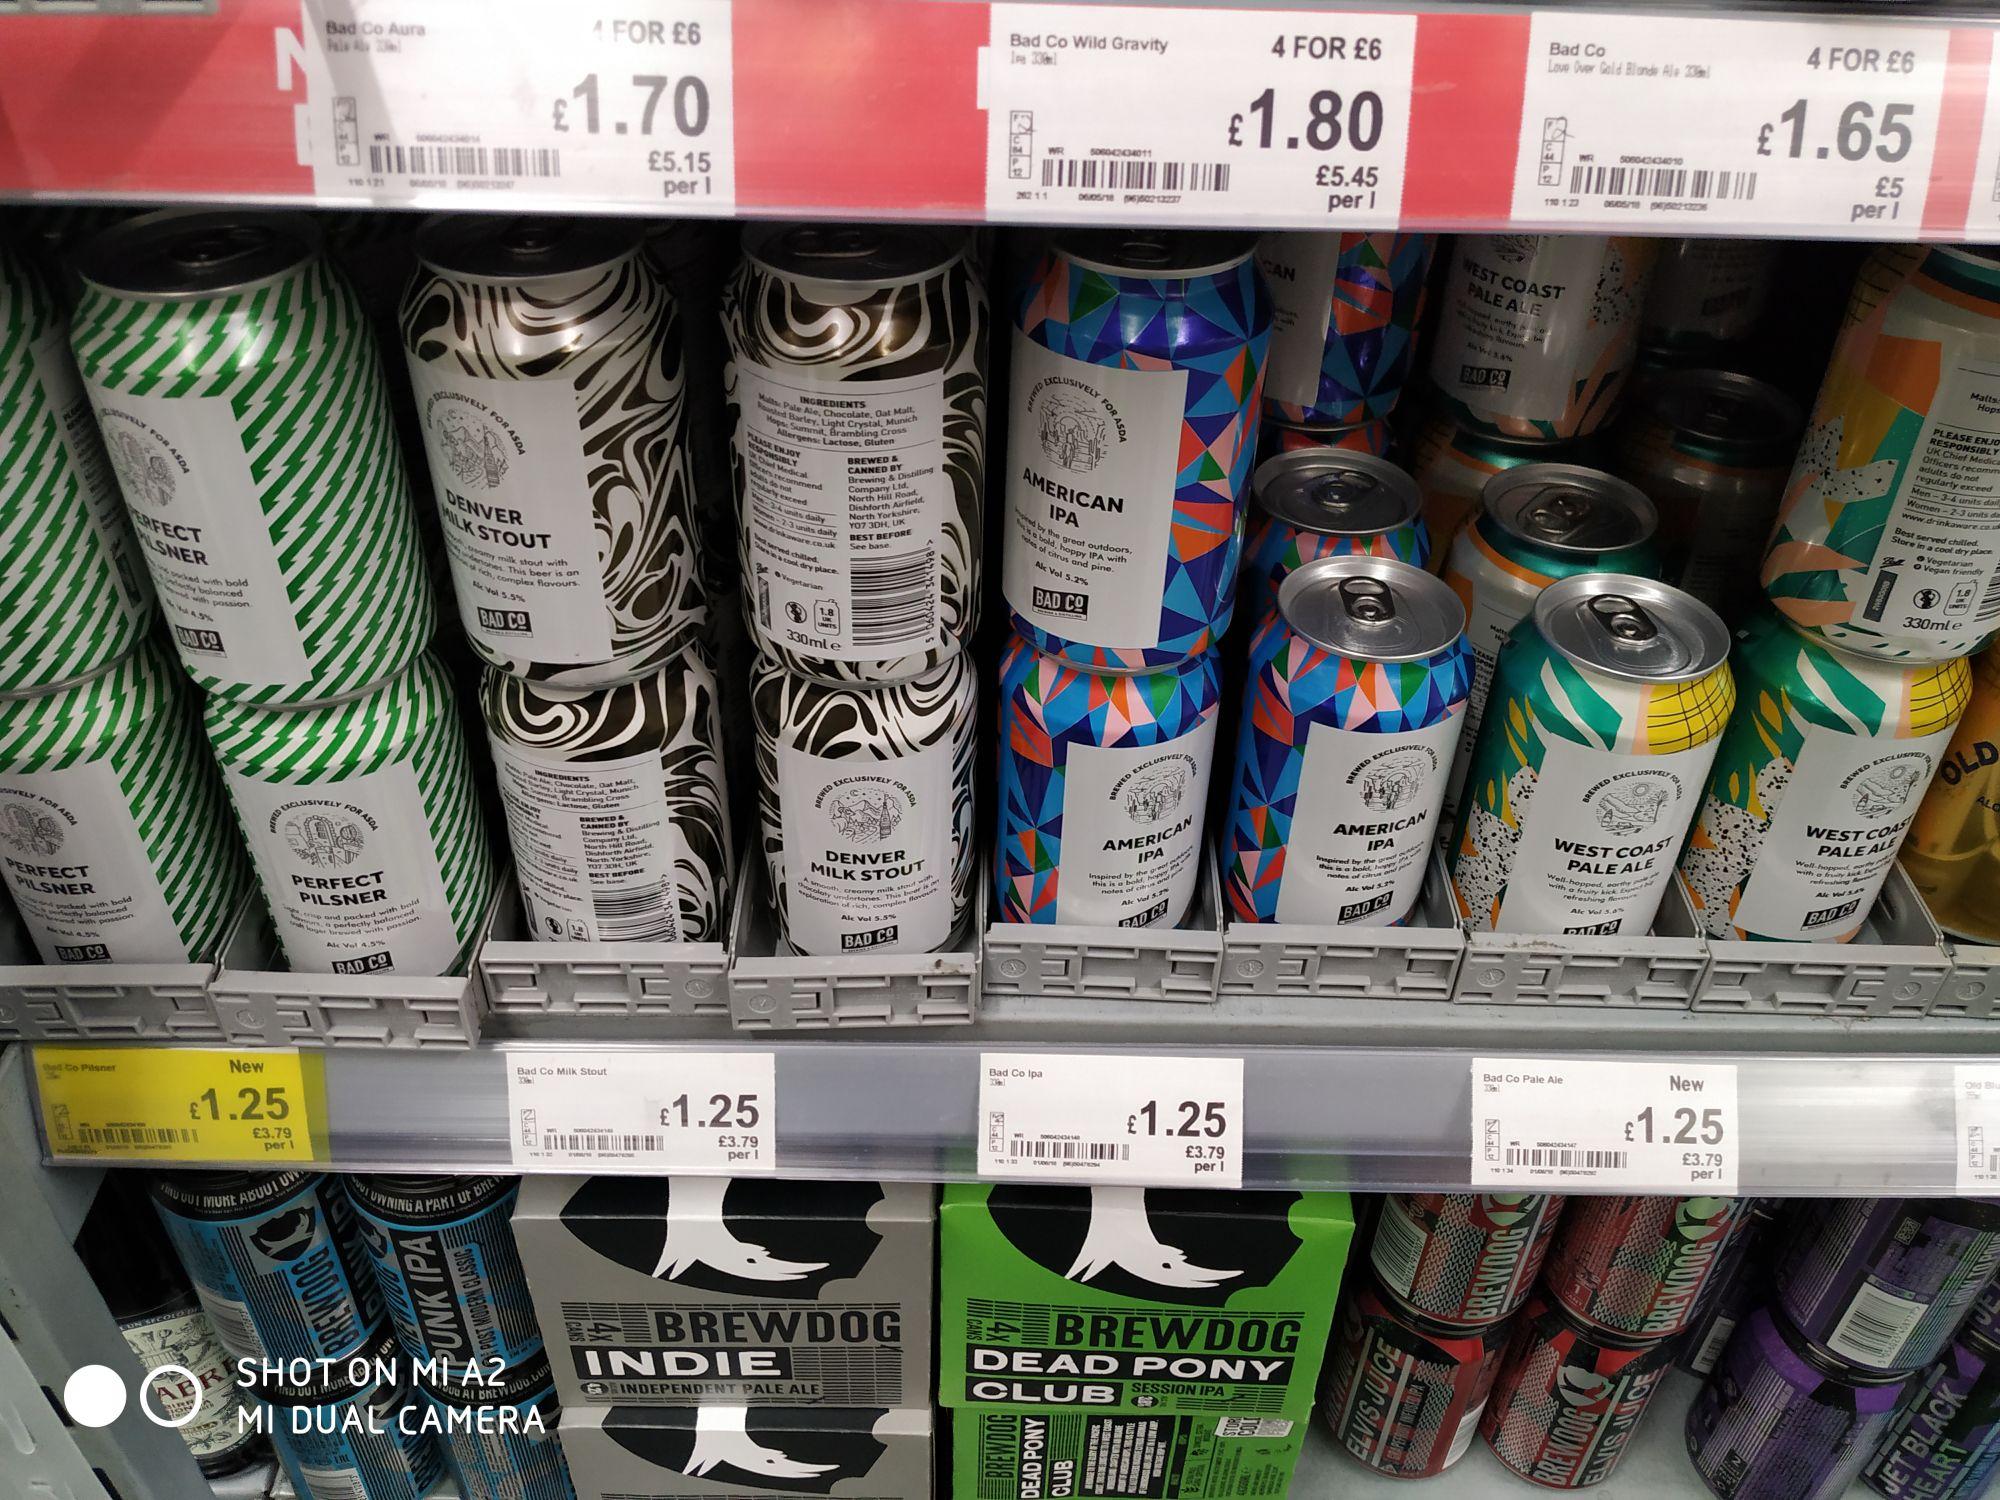 Asda Ales - Brewed by Bad Co - £1.25